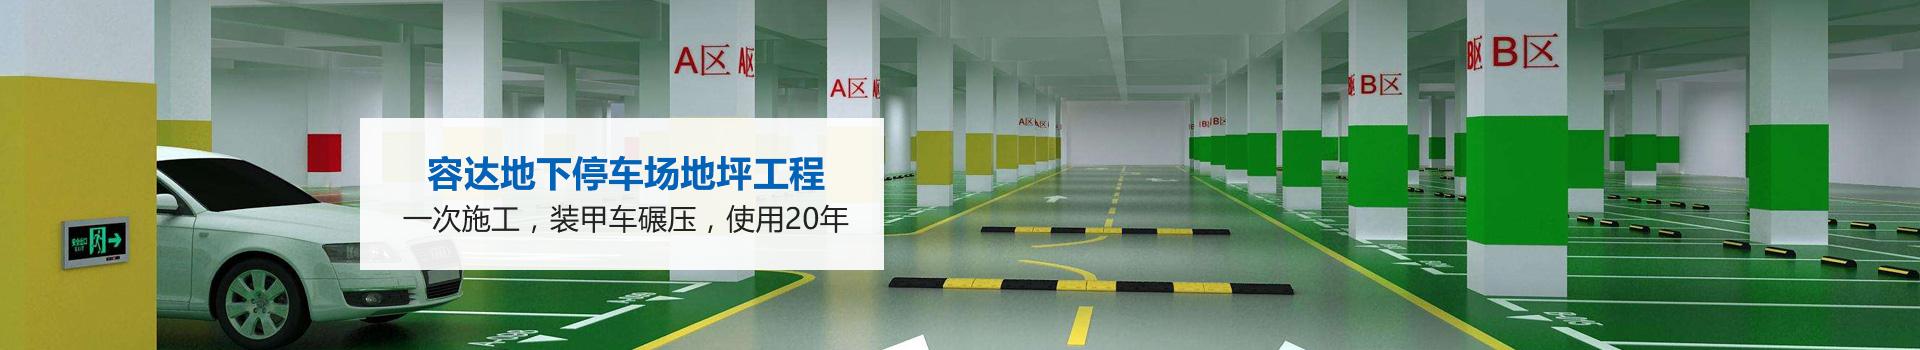 容达地下停车场地坪工程